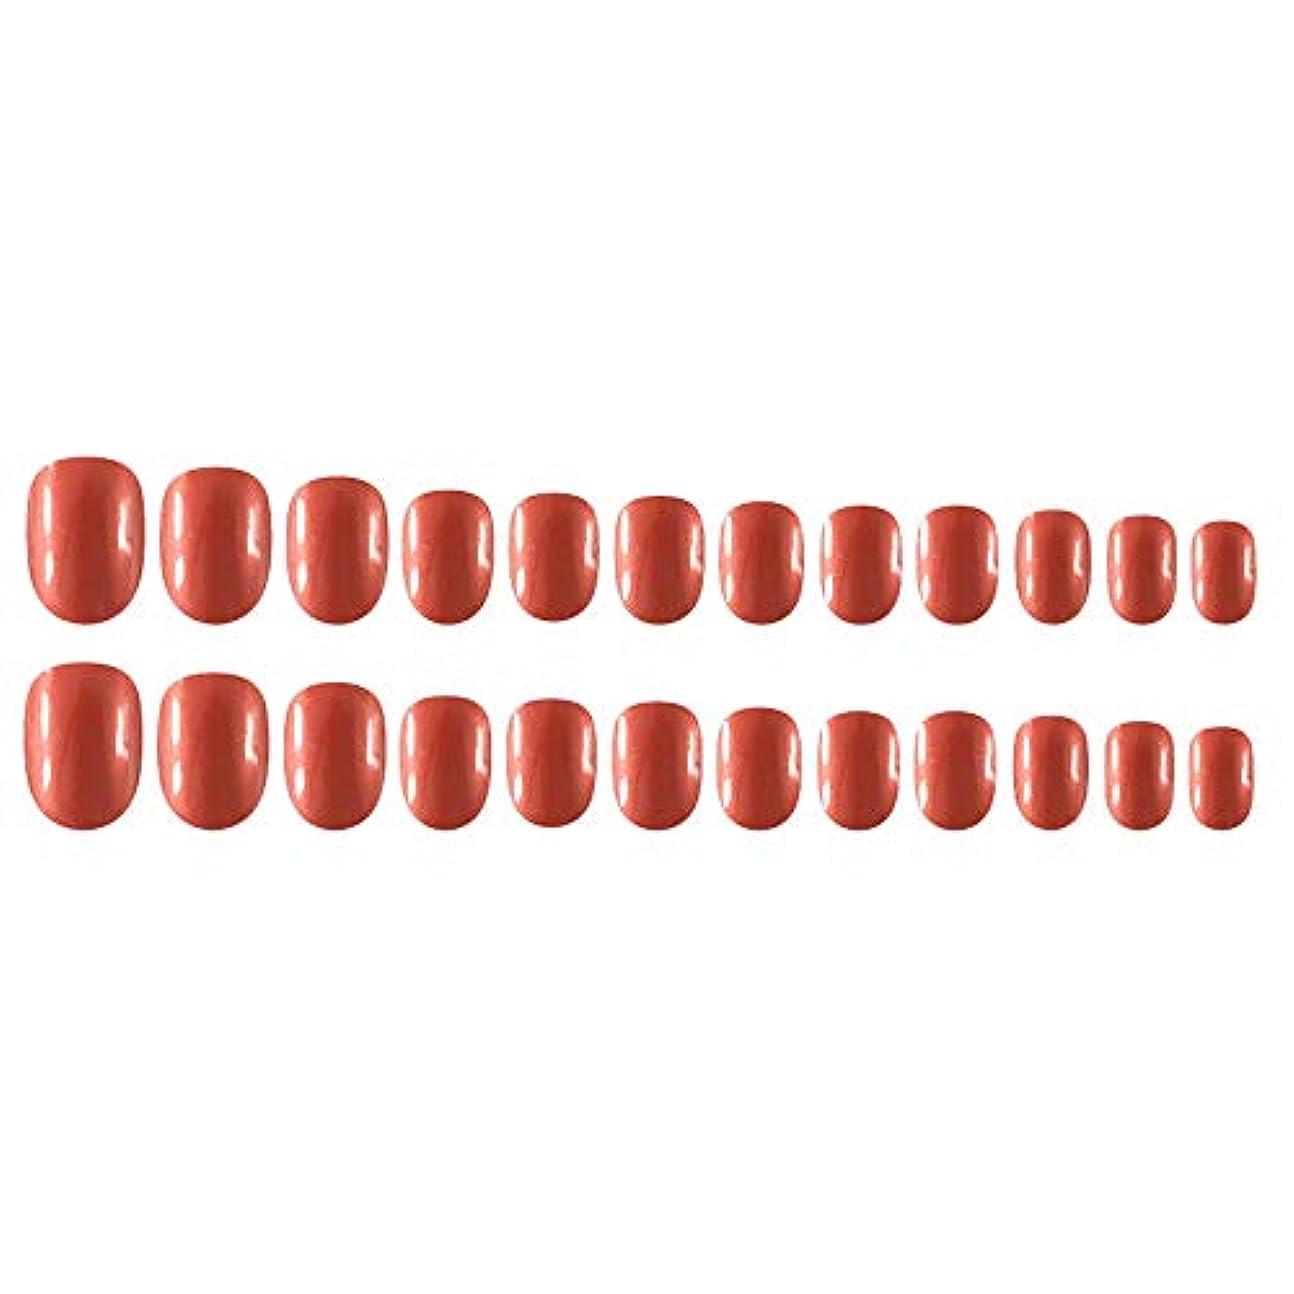 混沌鋸歯状劇作家Decdeal Decdeal ネイルチップ 24ピース 12異なるサイズ diy サロン ネイルアートツール 偽